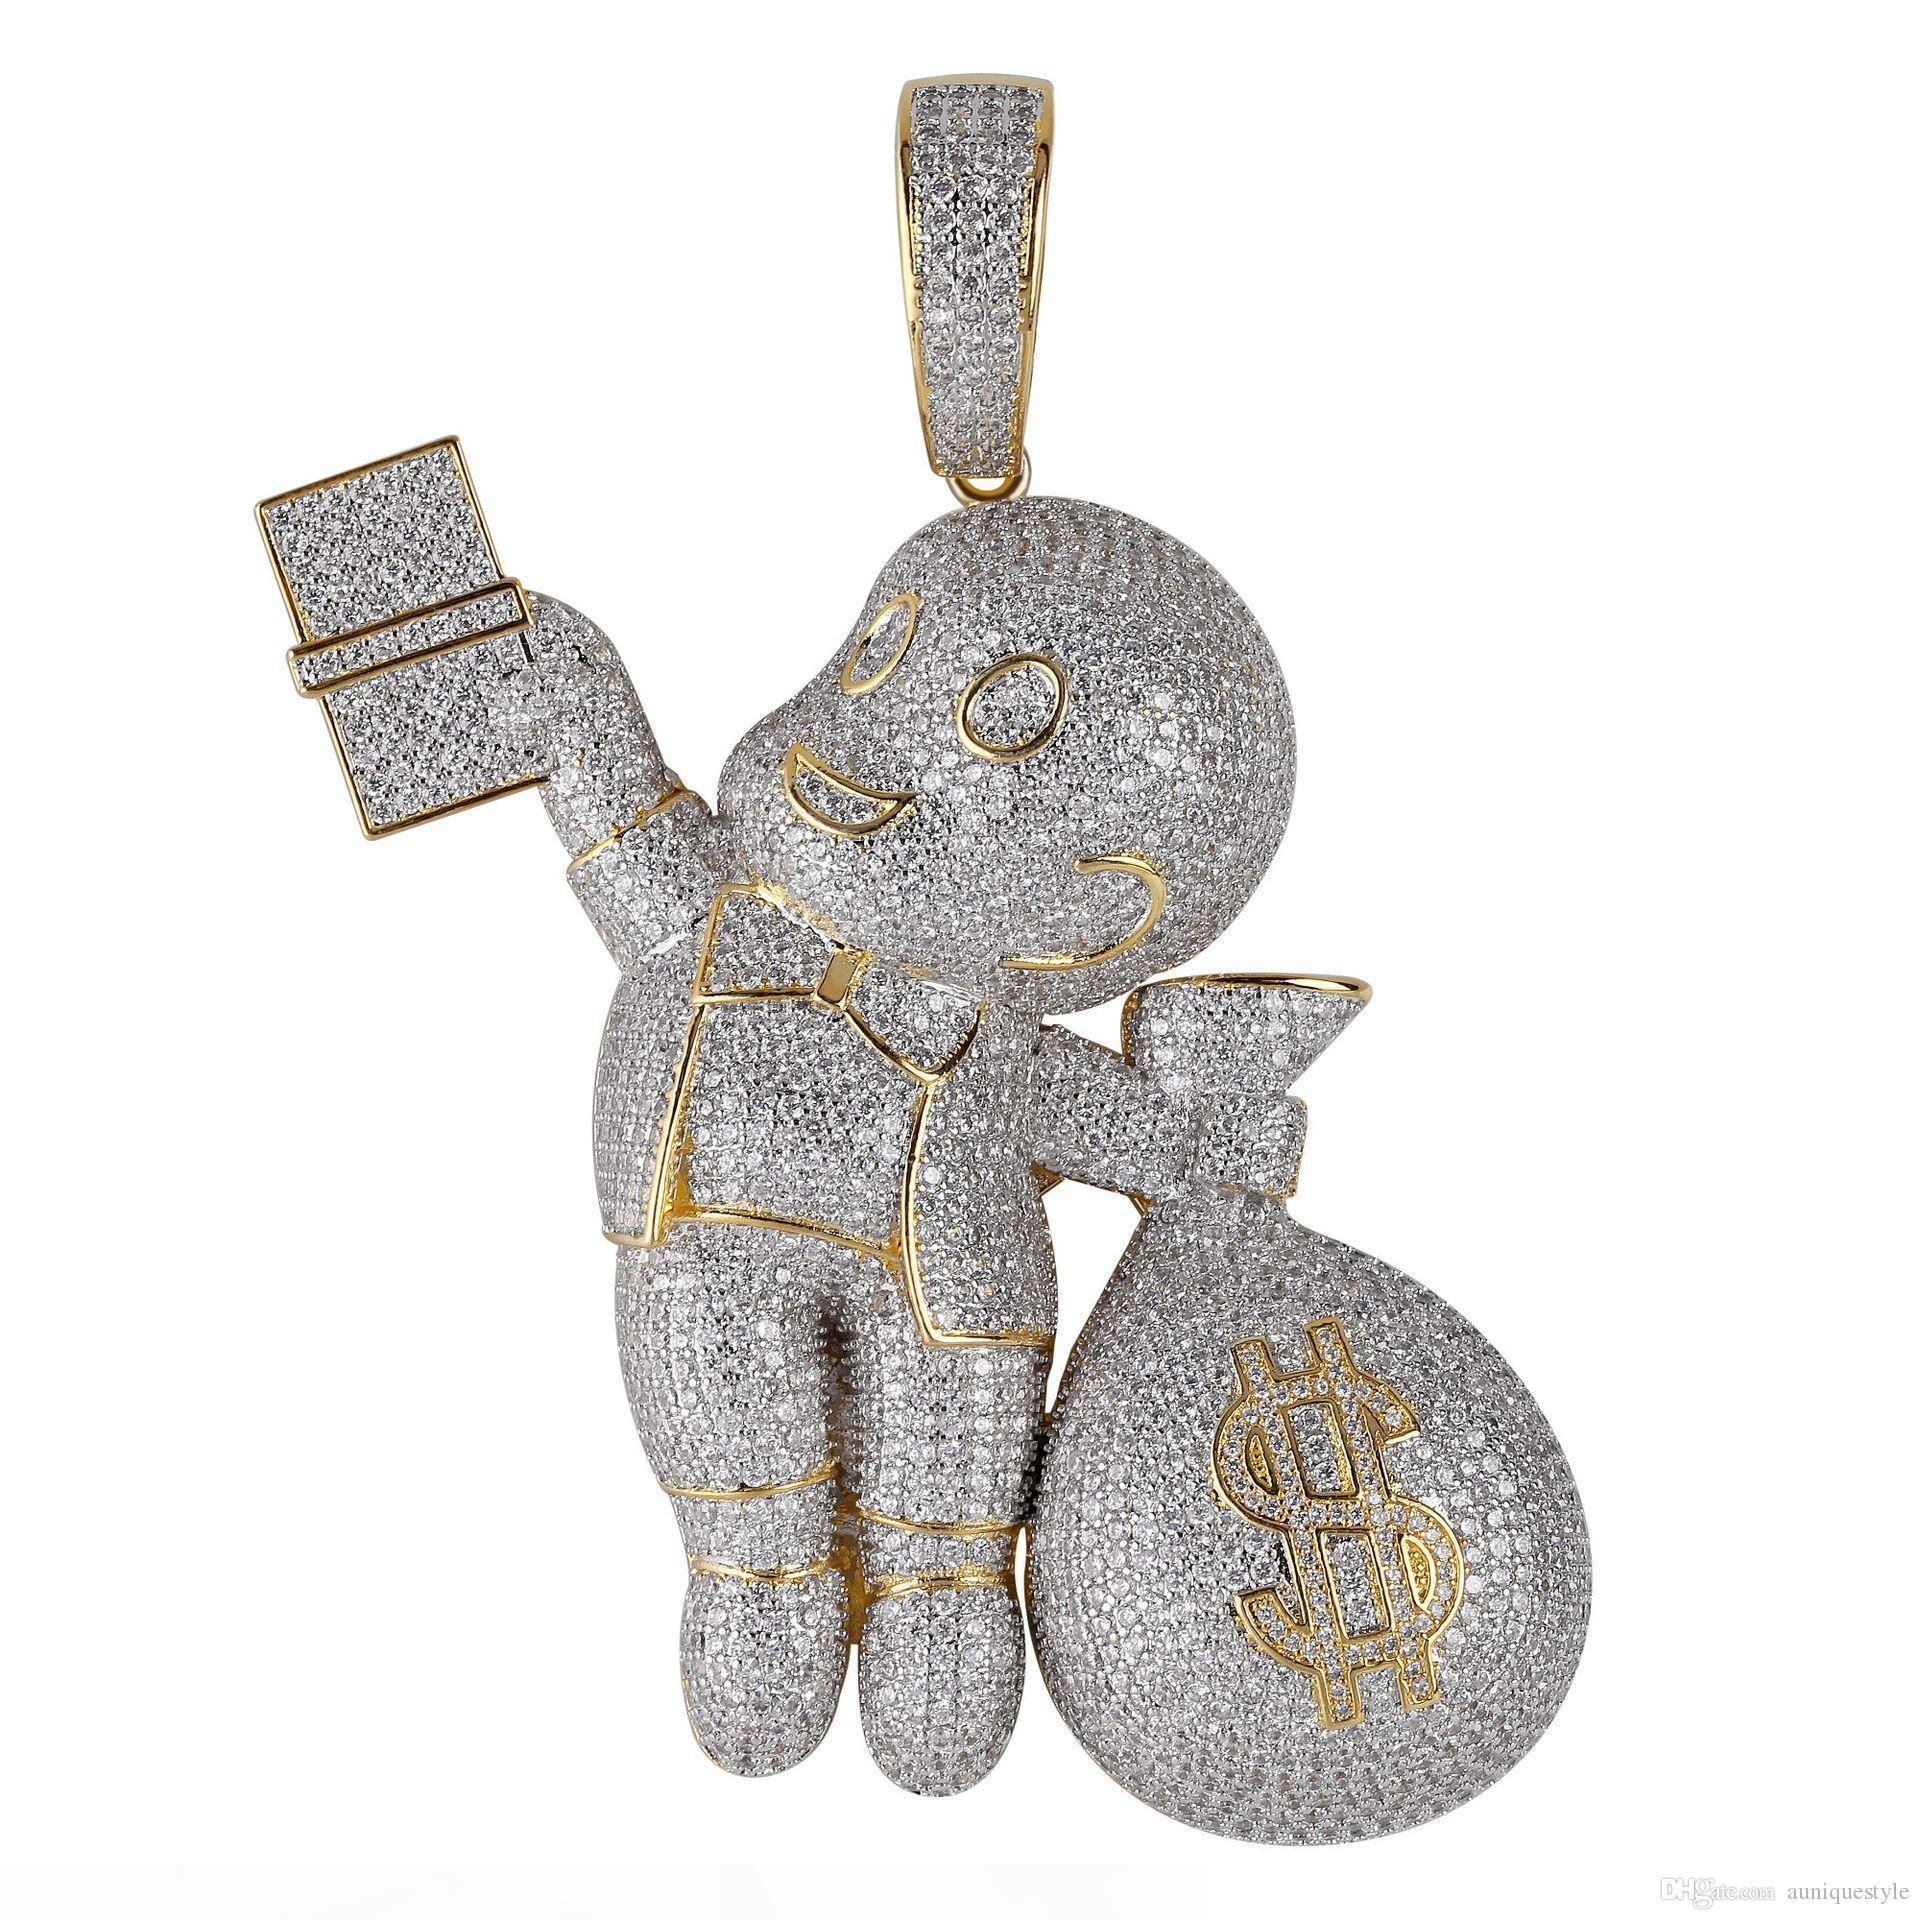 Pendentif pendentif hip hop bling chaînes bijoux hommes collier de luxe designer de luxe Diamond Cuban lince dessin animé mario argent sac rappeur DJ Charms